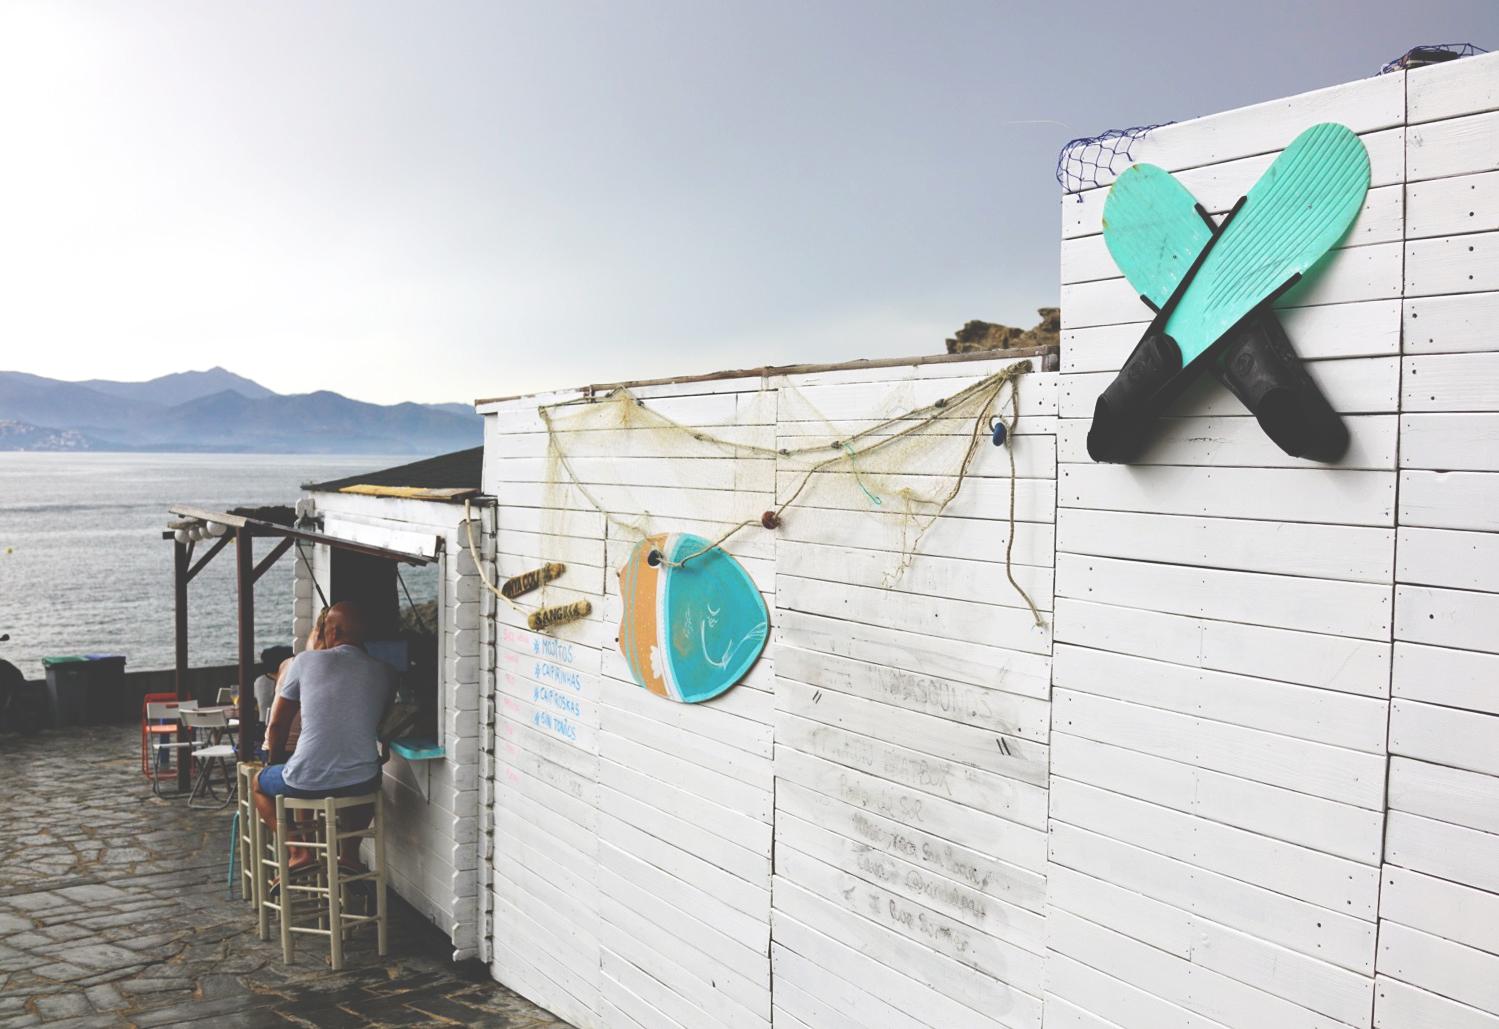 El Pas Bar in El Port de la Selva